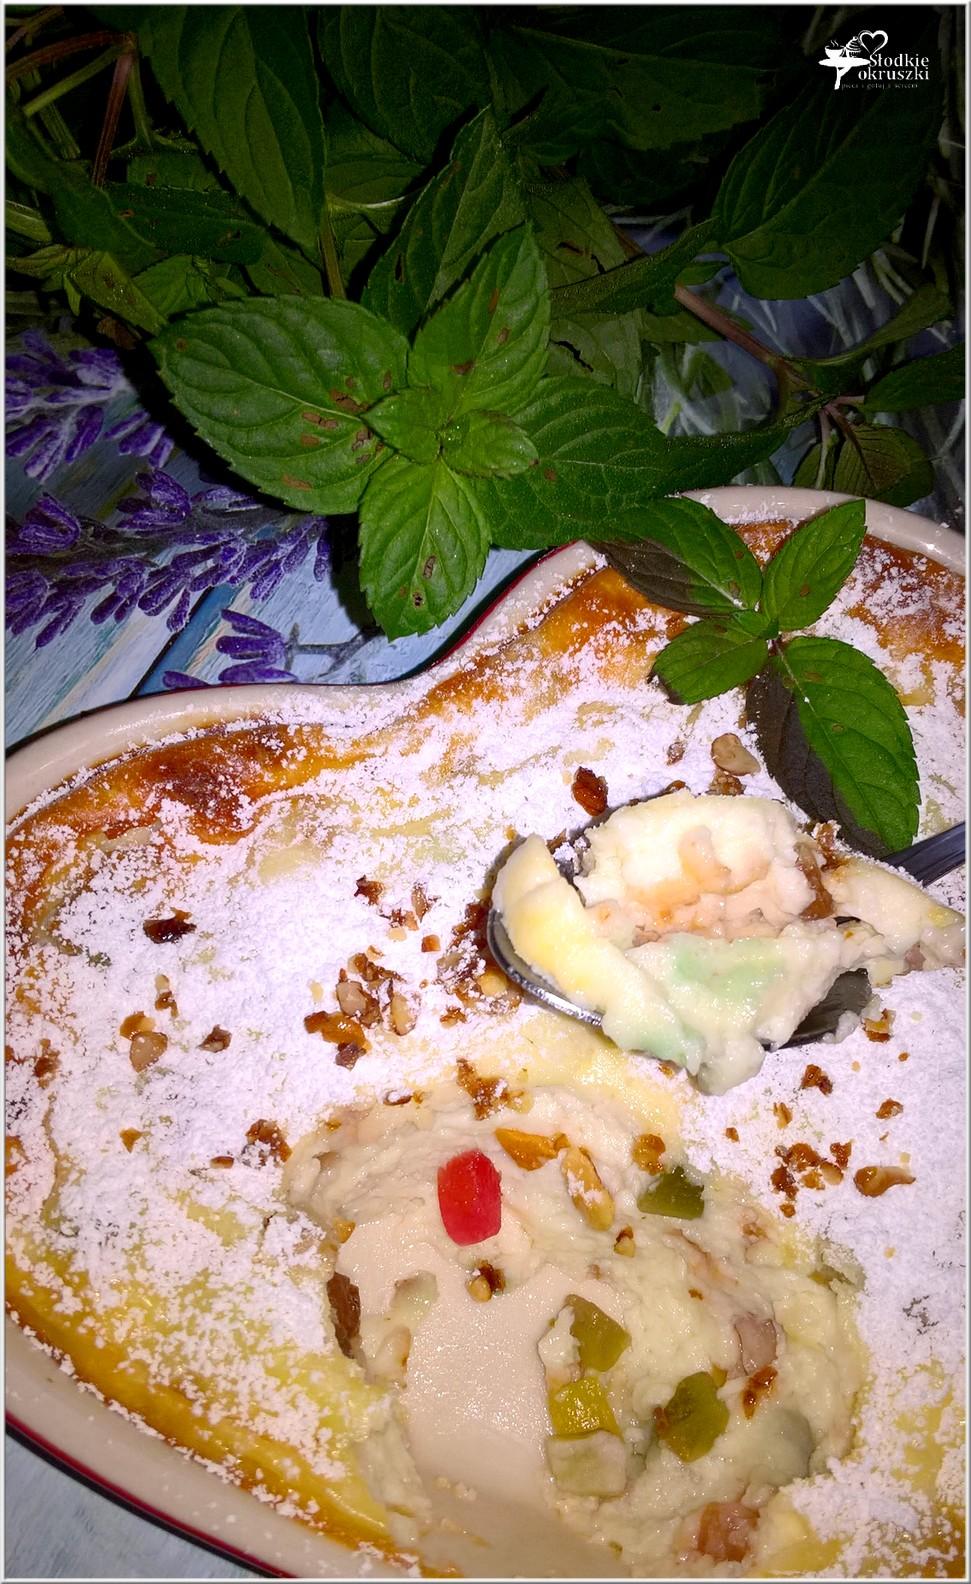 Pieczony serniczek z orzechami włoskimi i kandyzowaną skórką (3)